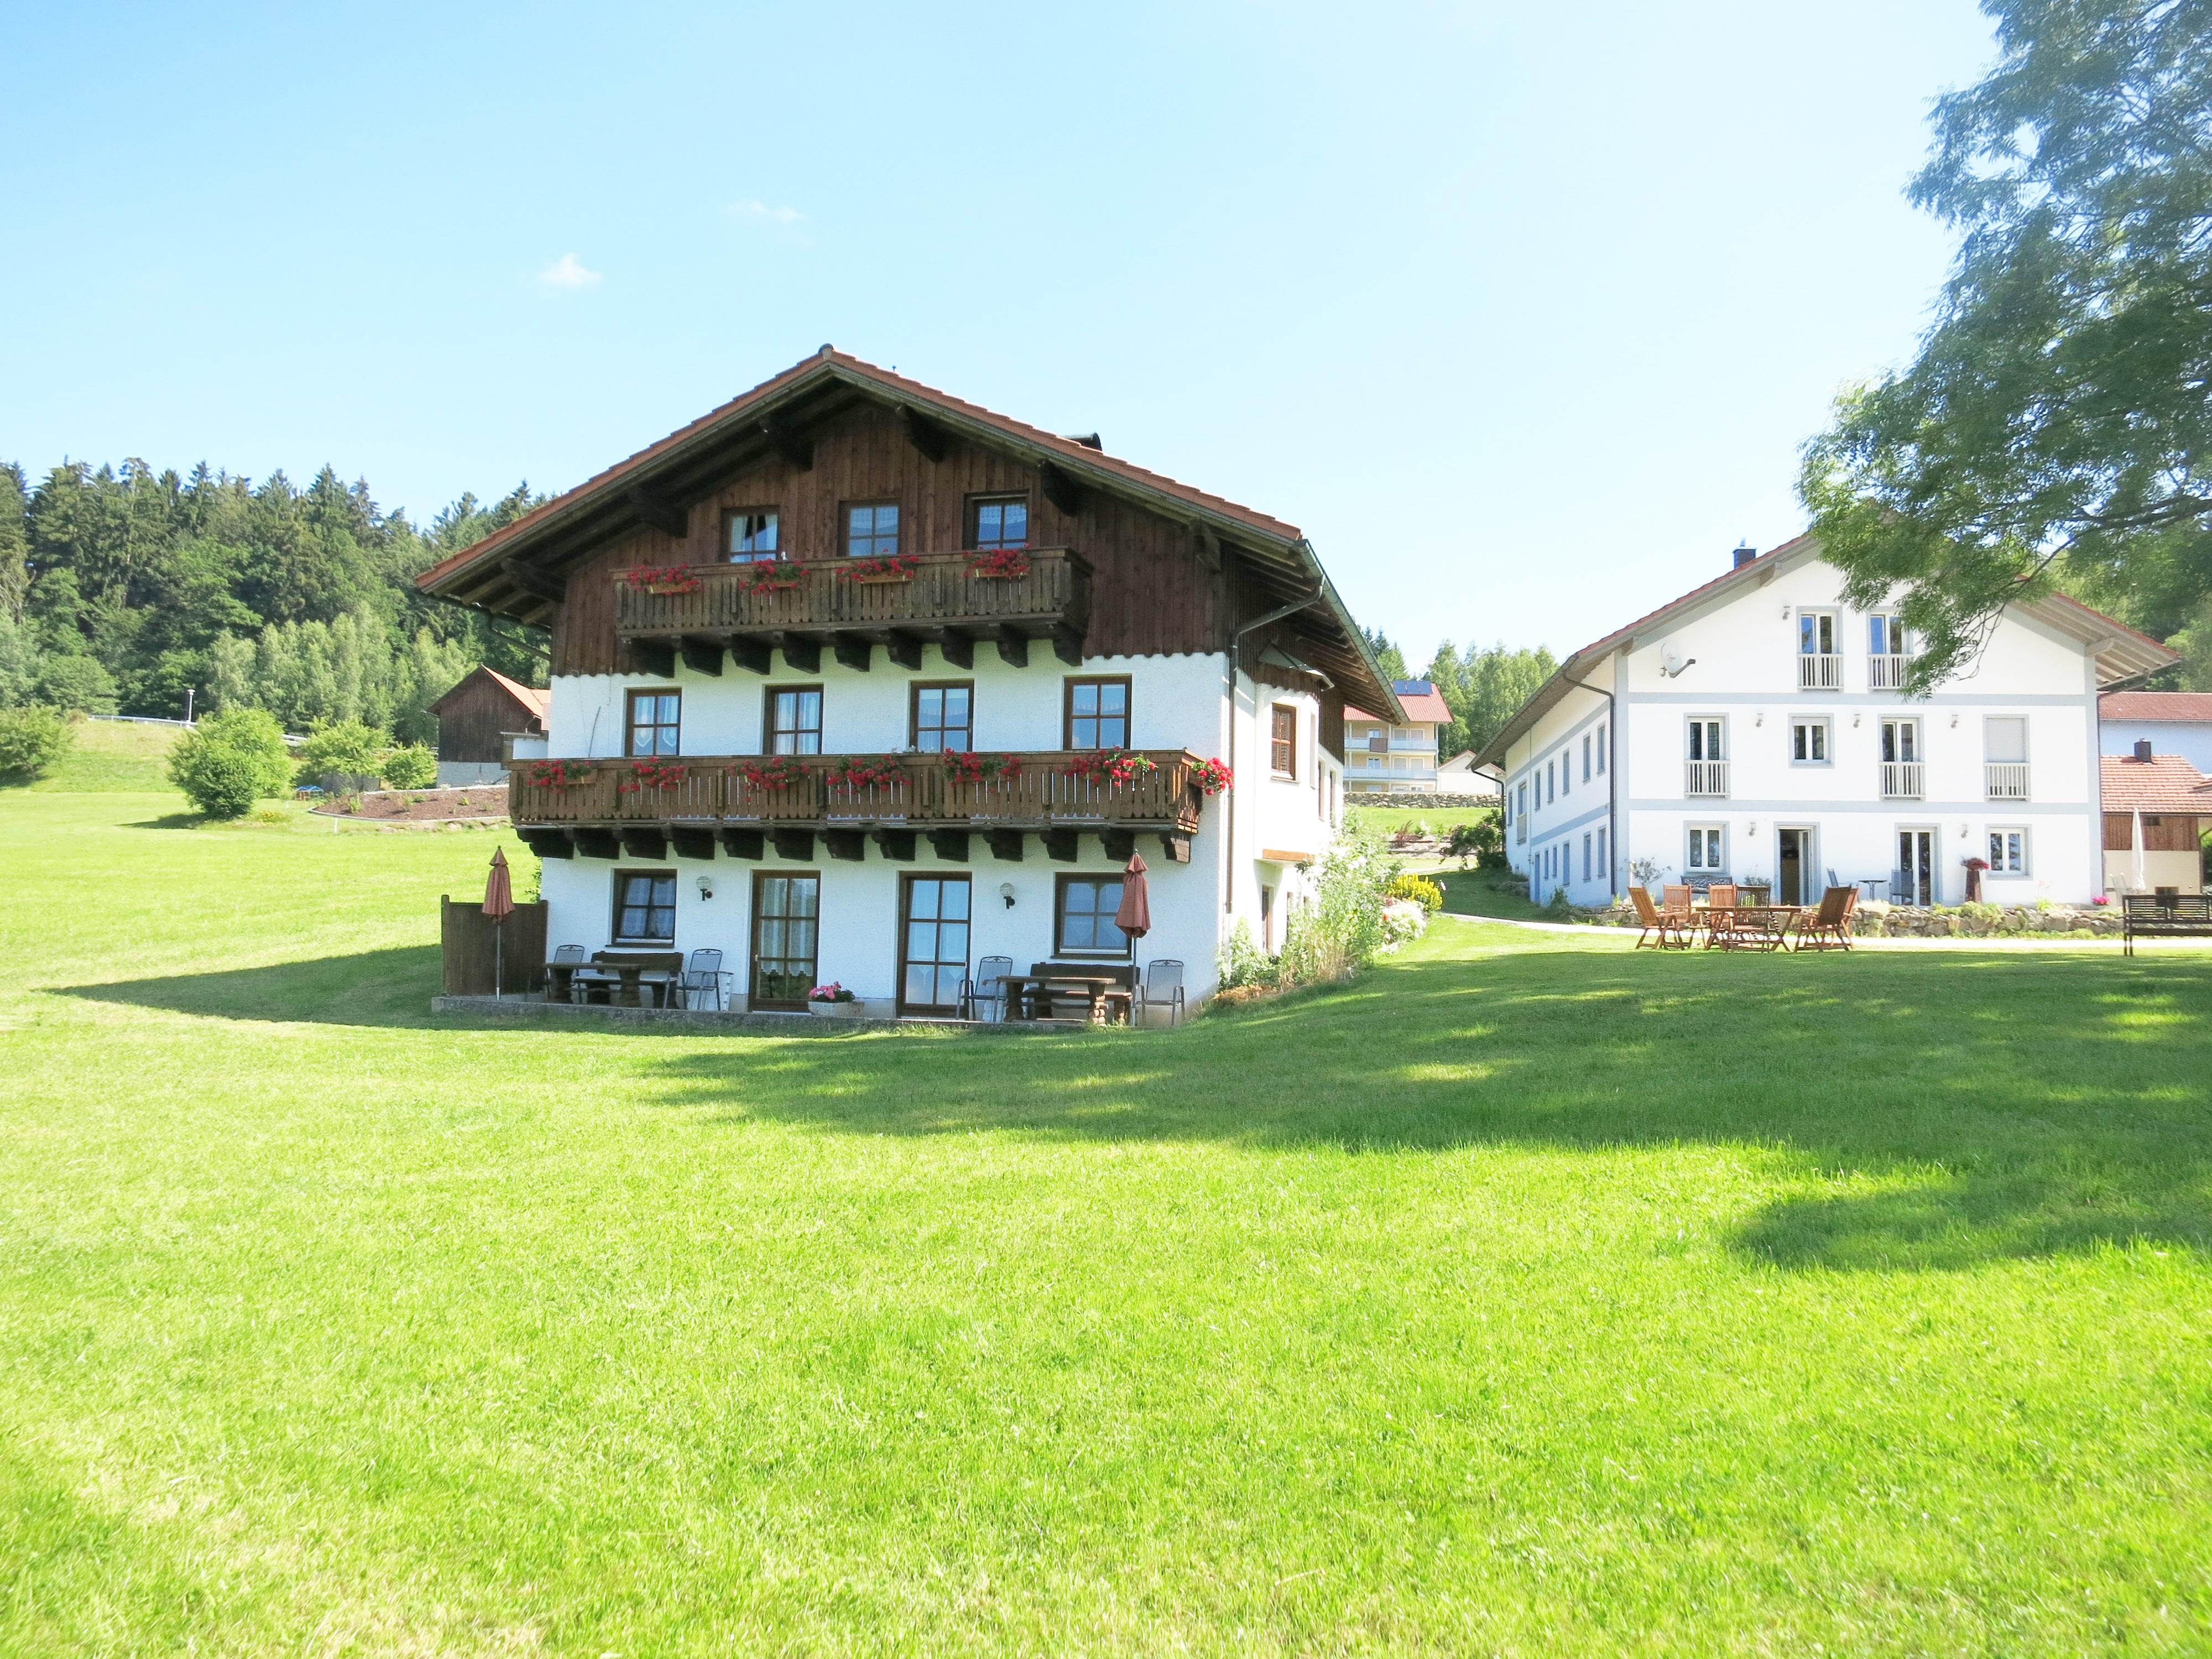 Herzlich willkommen im Nationalpark Bayerischer Wald.